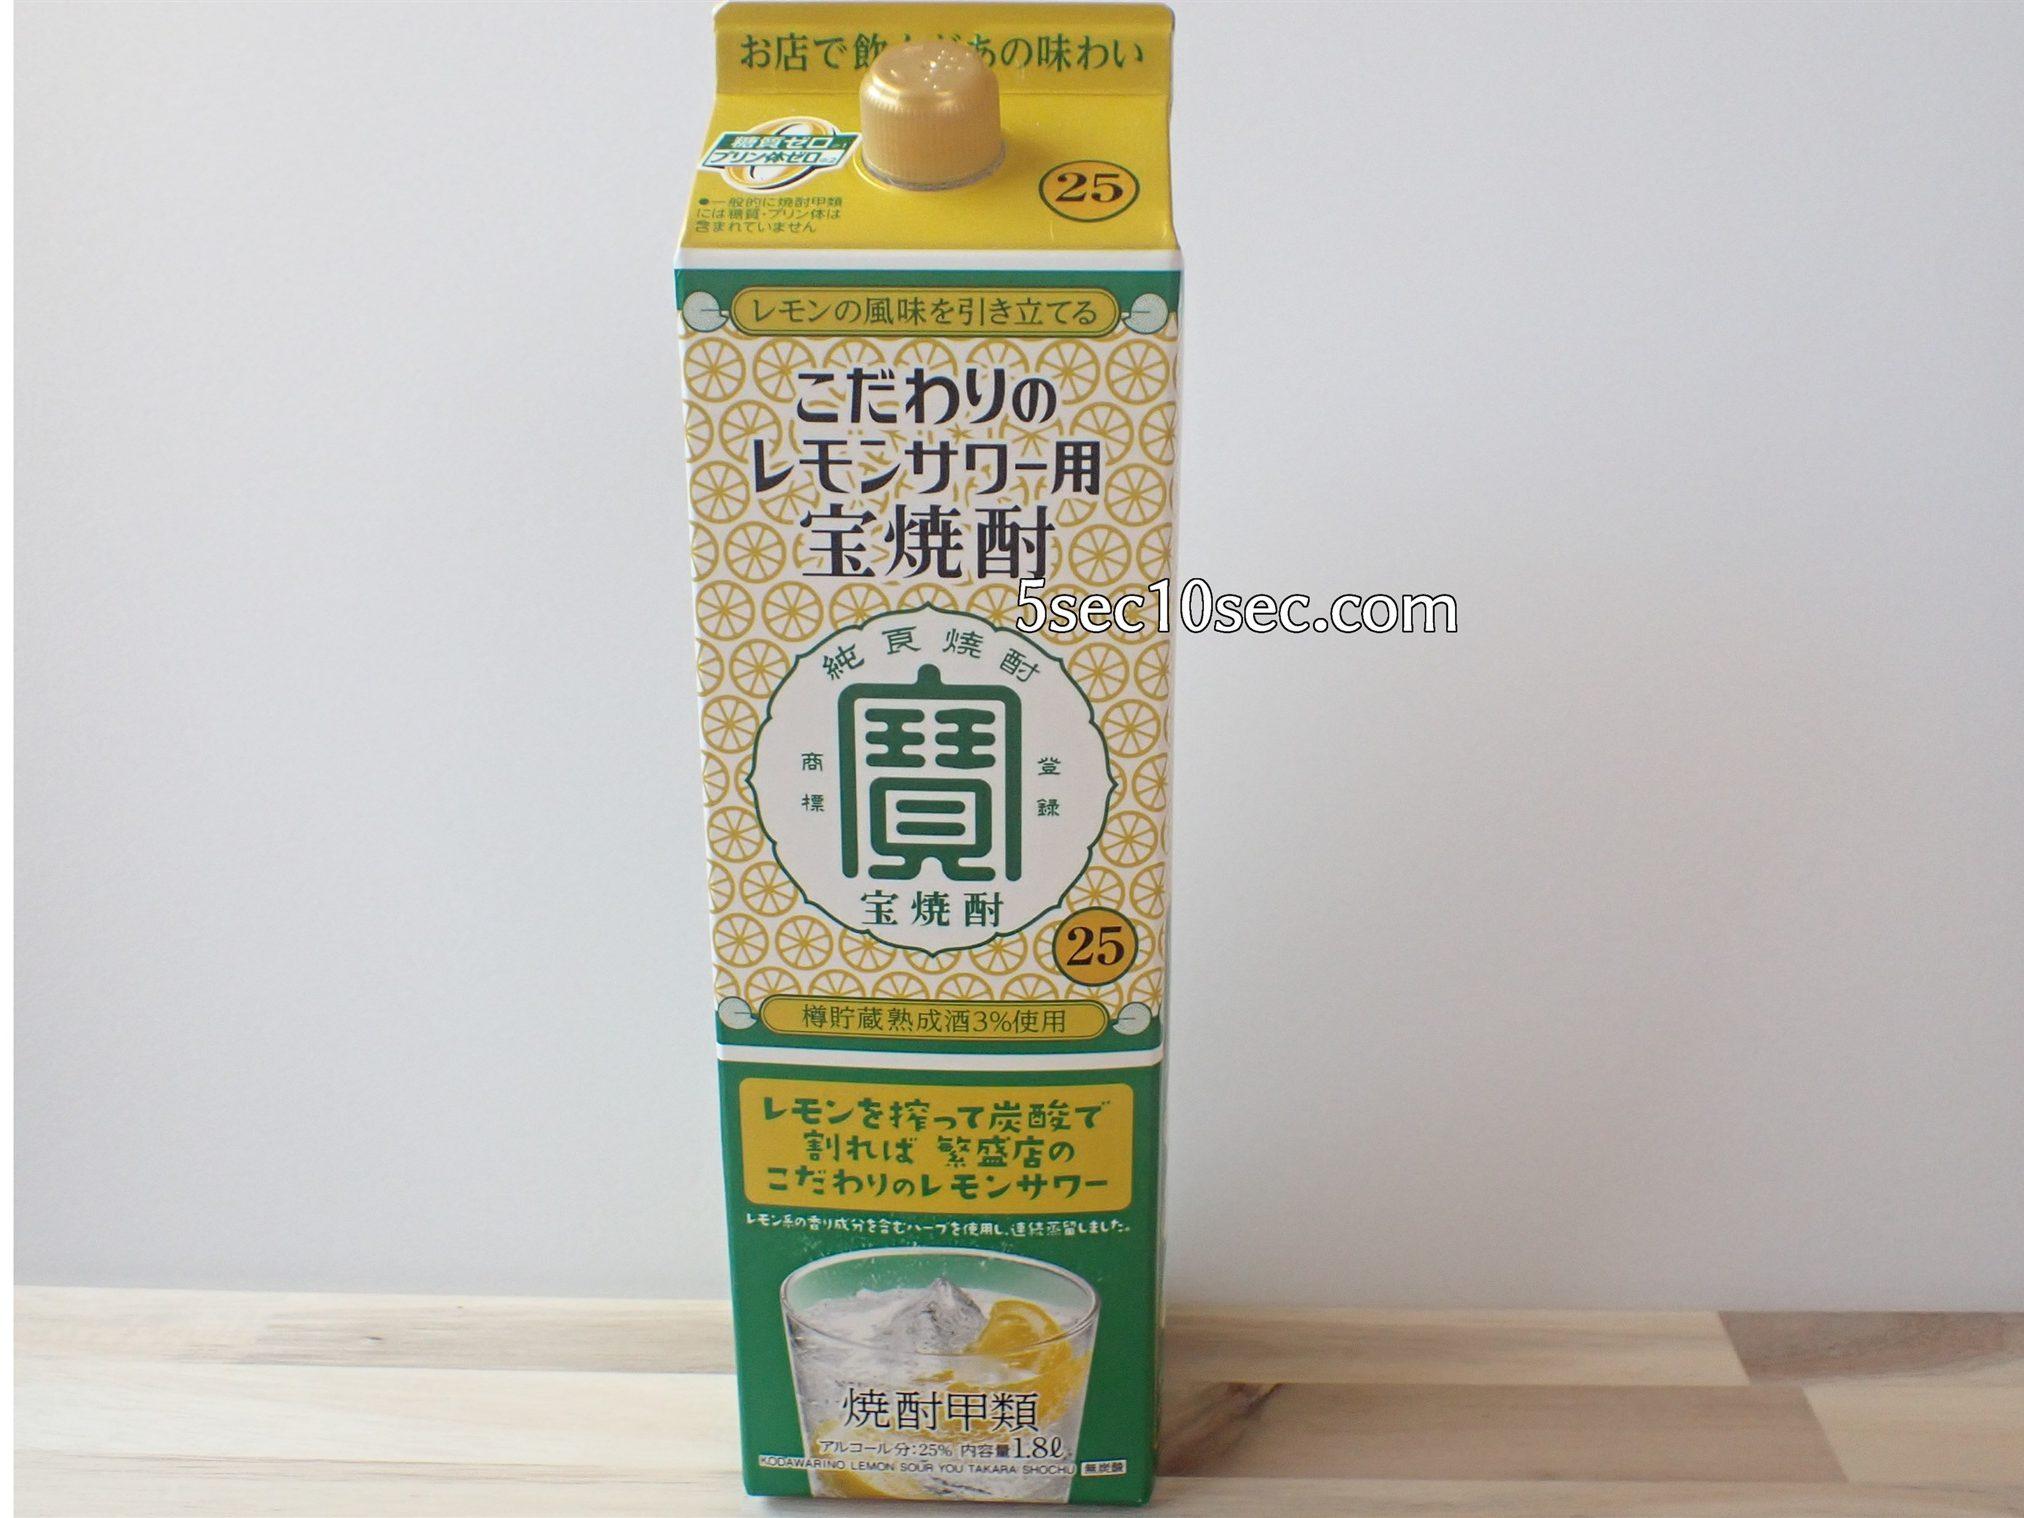 宝酒造 こだわりのレモンサワー用 宝焼酎 紙パックの1.8l パッケージ写真